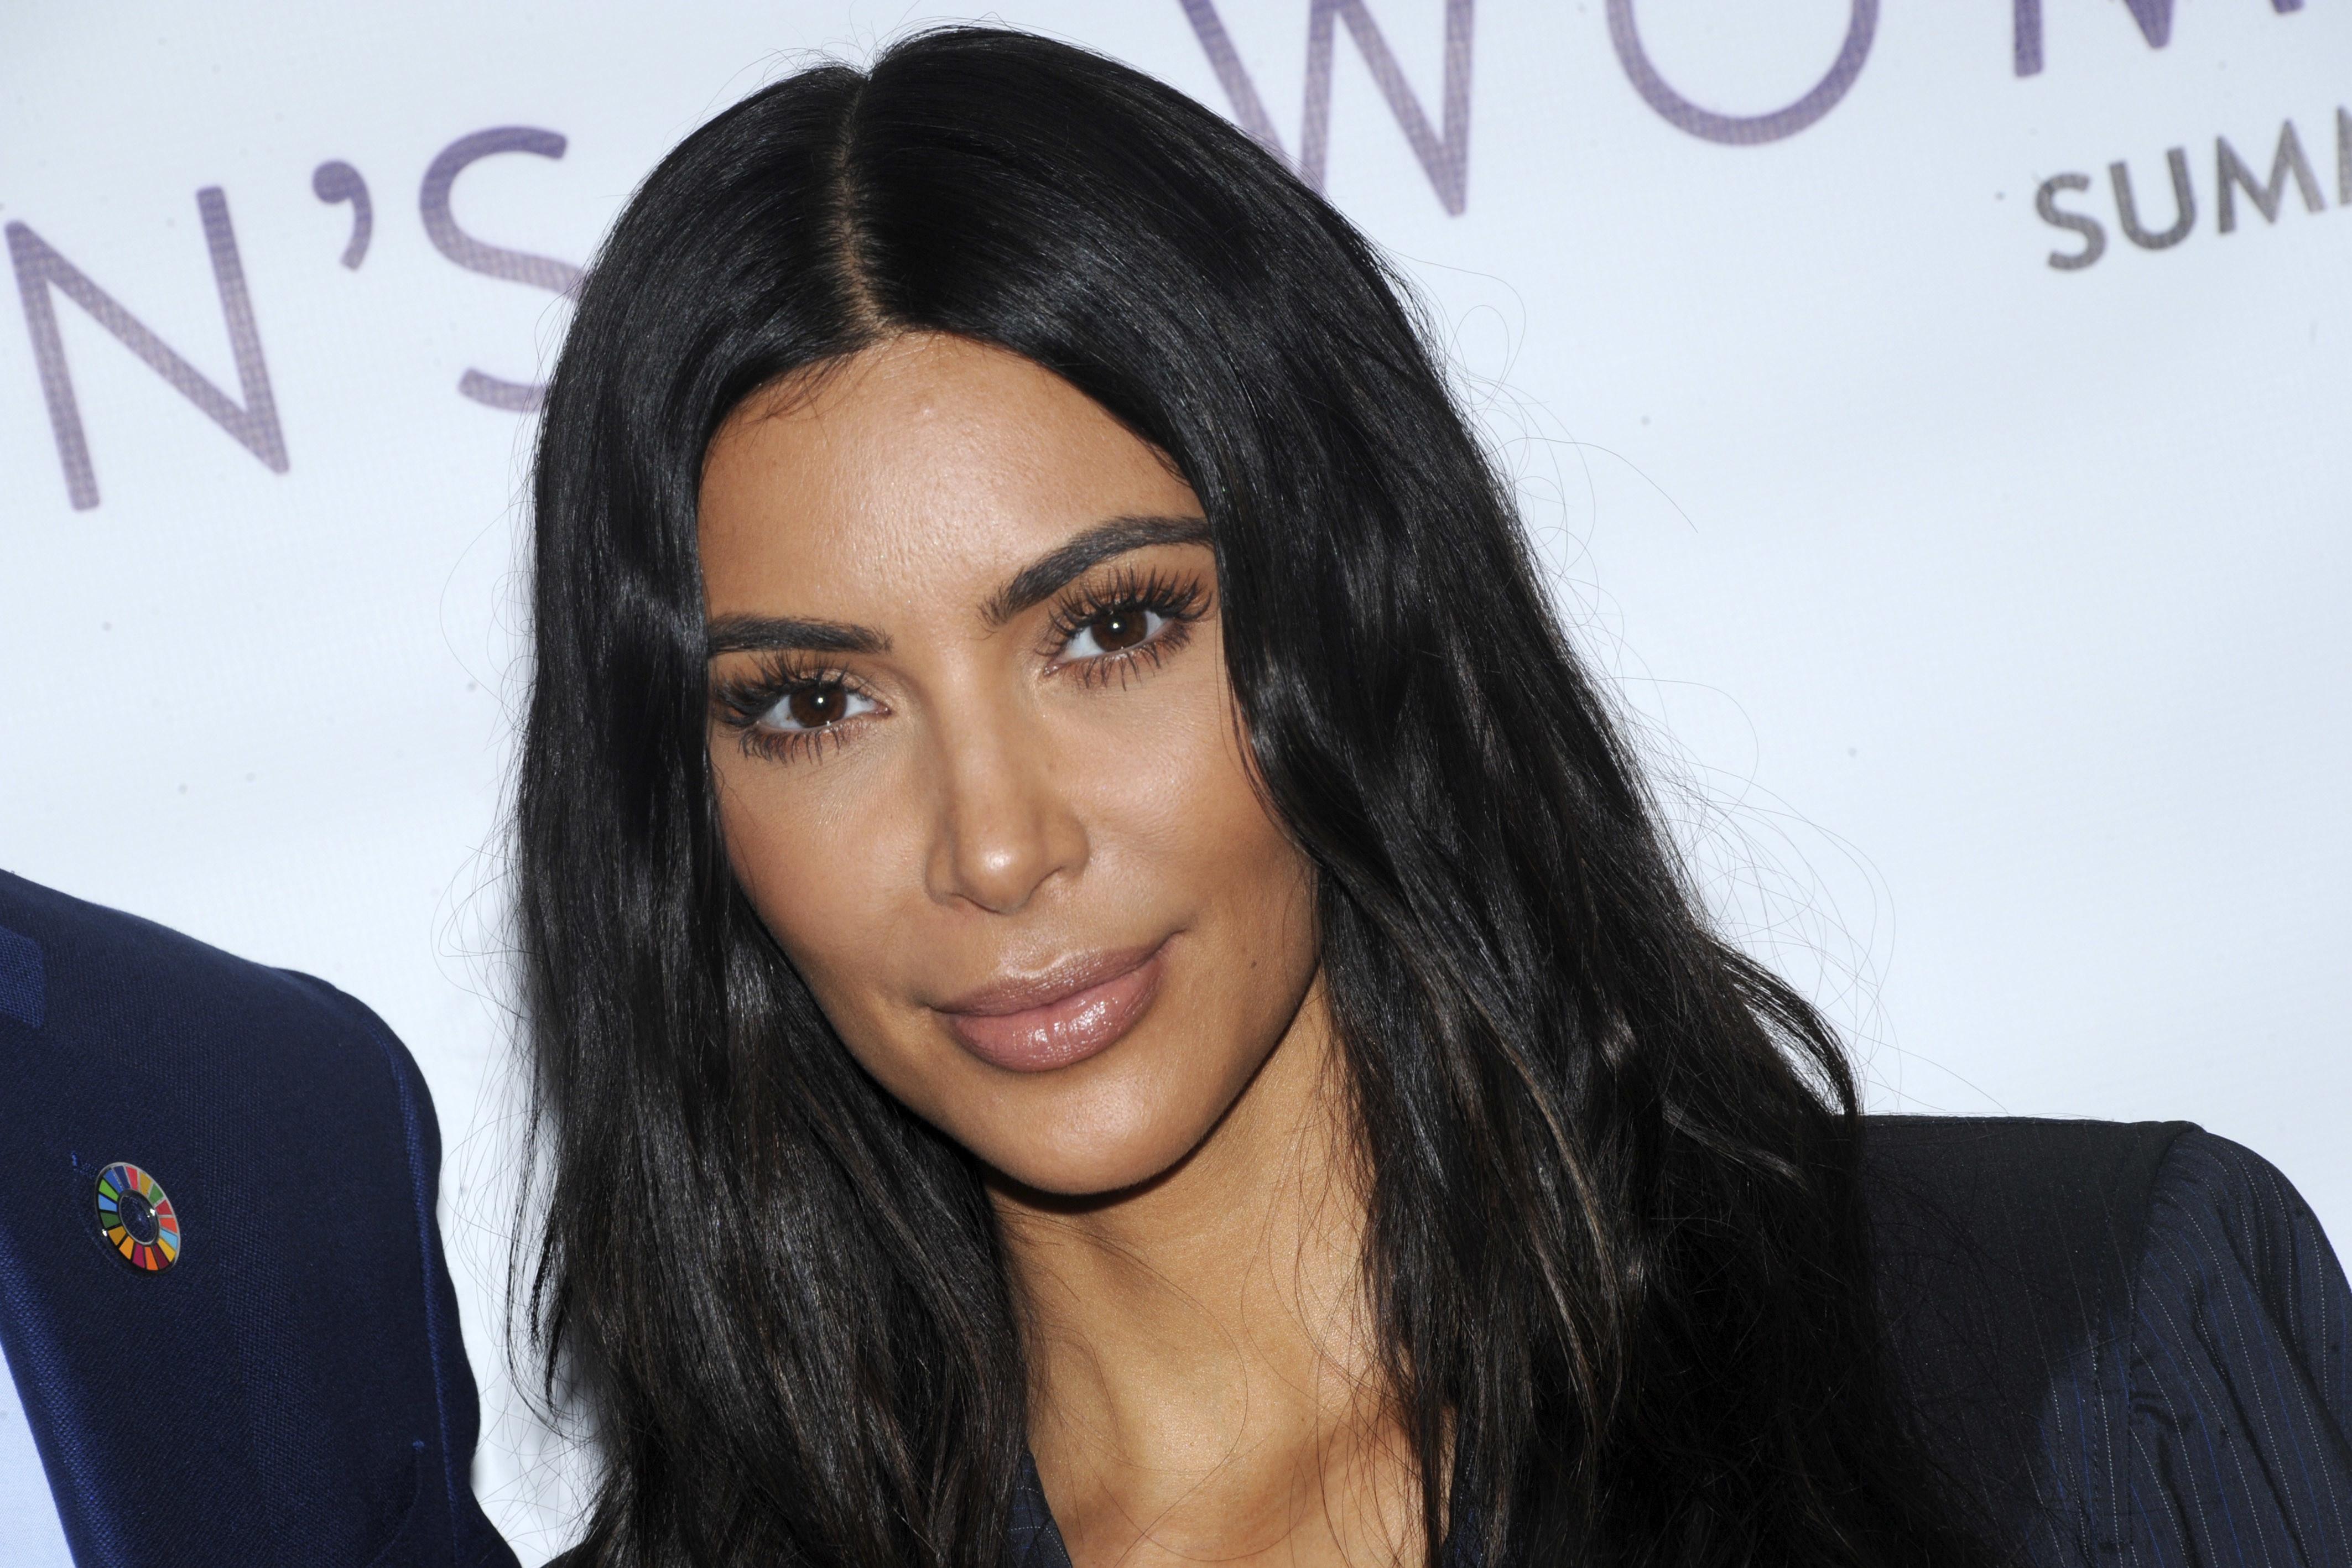 Ким Кардашьян раскритиковали за слишком пошлое платье